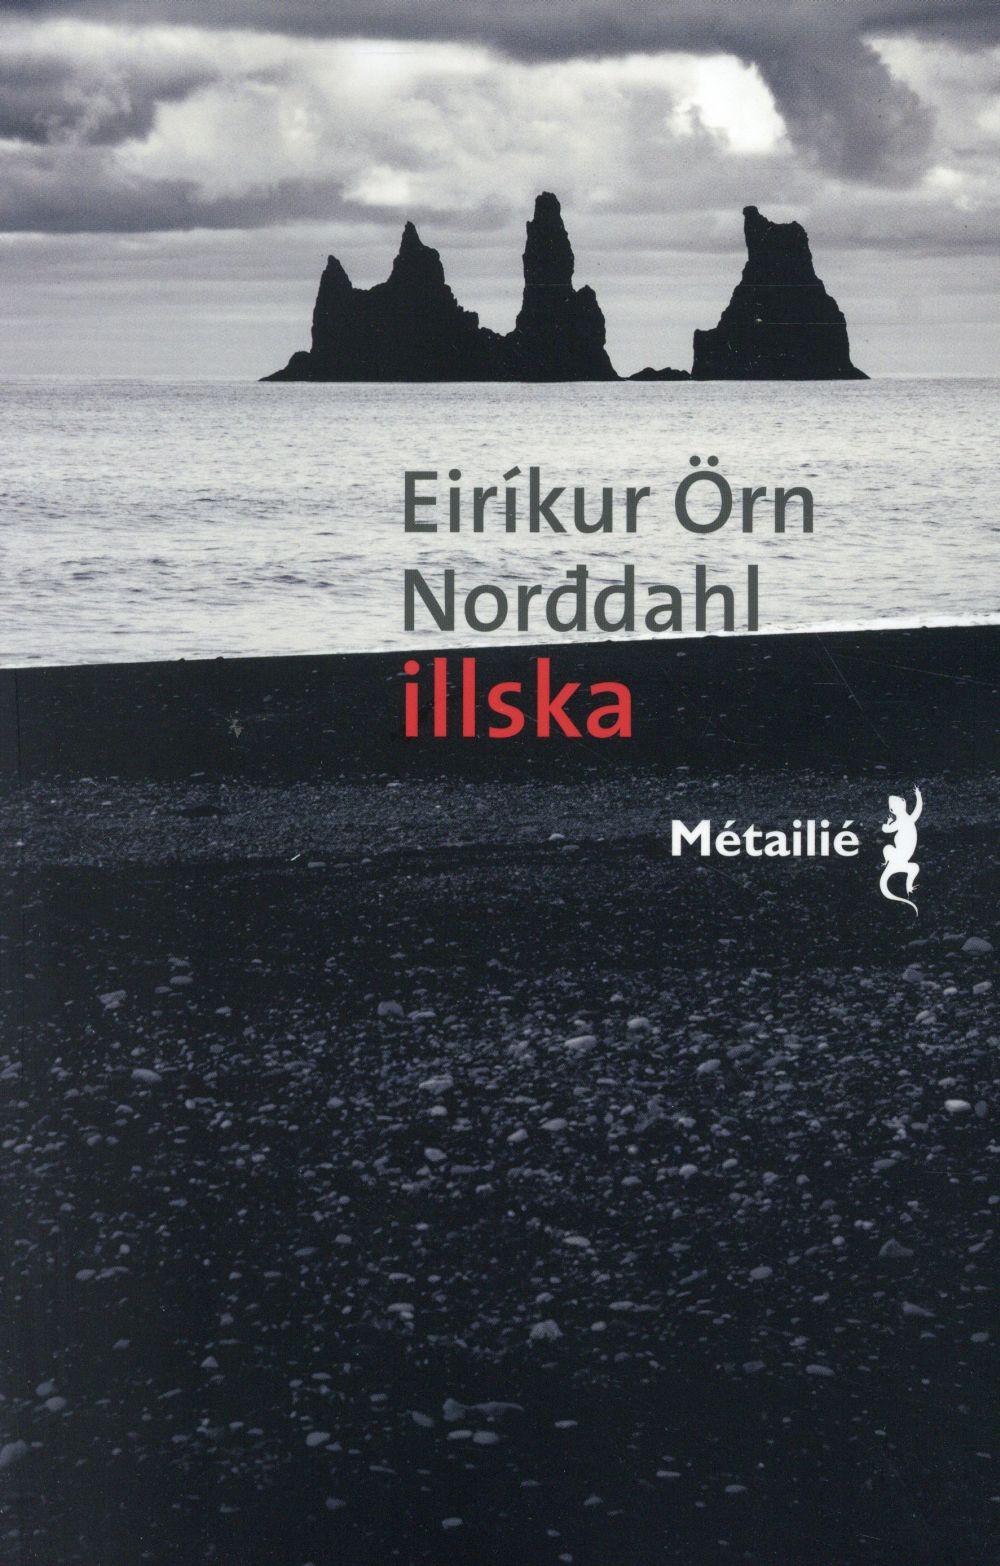 """La #Critique Pour/Contre des Explorateurs : """"Illska"""" de Eirikur Örn Norddahl"""